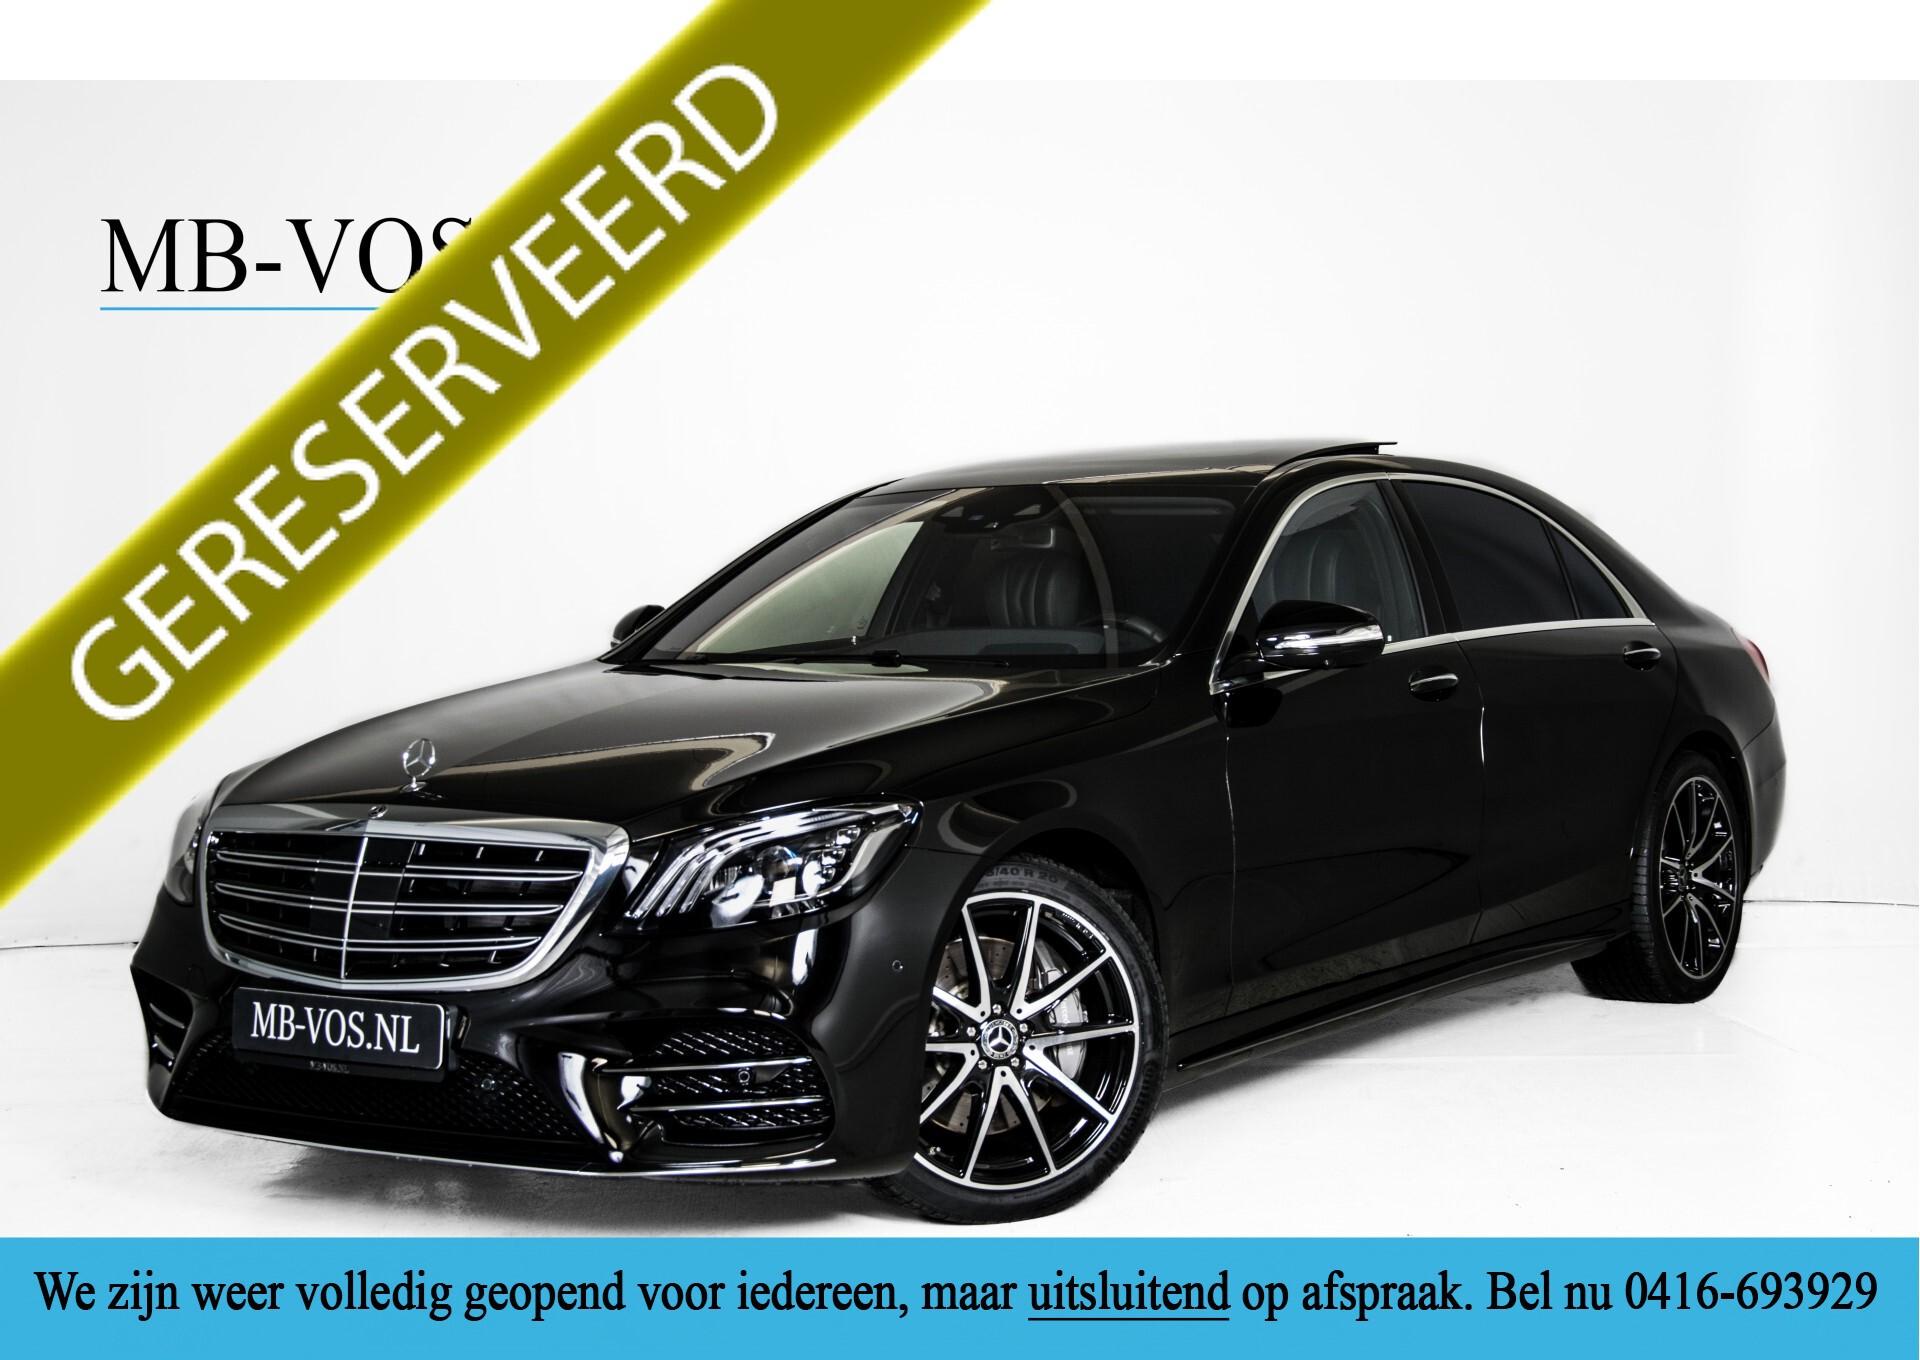 Mercedes-Benz S-Klasse 400d 4-M Lang AMG Standkachel/Massage/Distronic/Entertainment Aut9 Foto 1